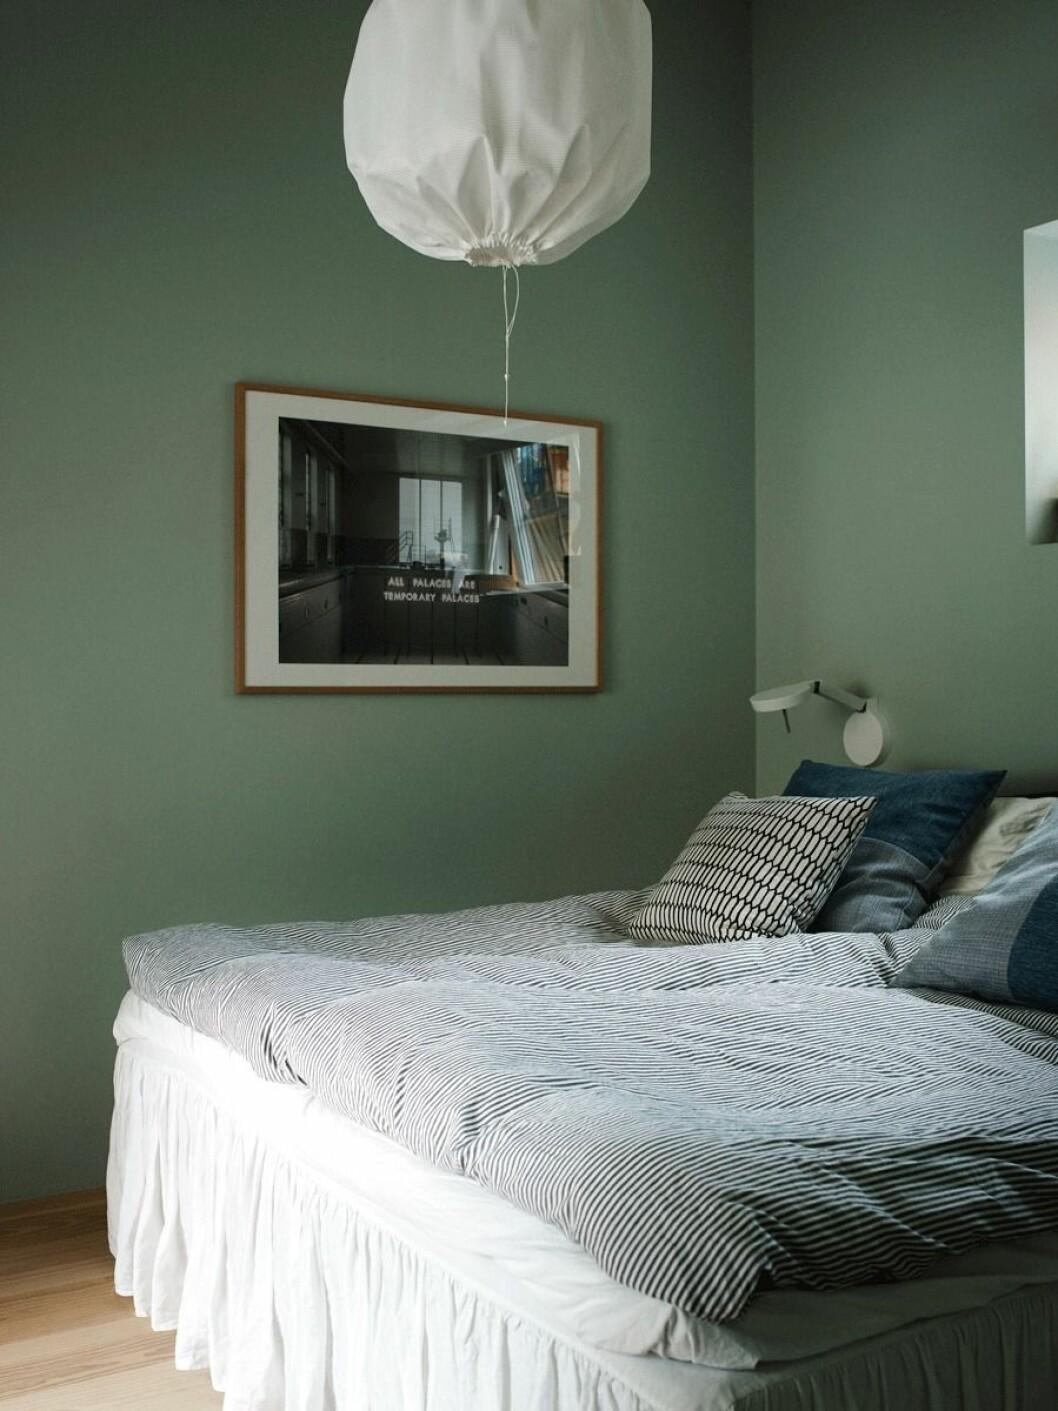 Ljusgrön väggfärg i sovrum, lampa i tyg